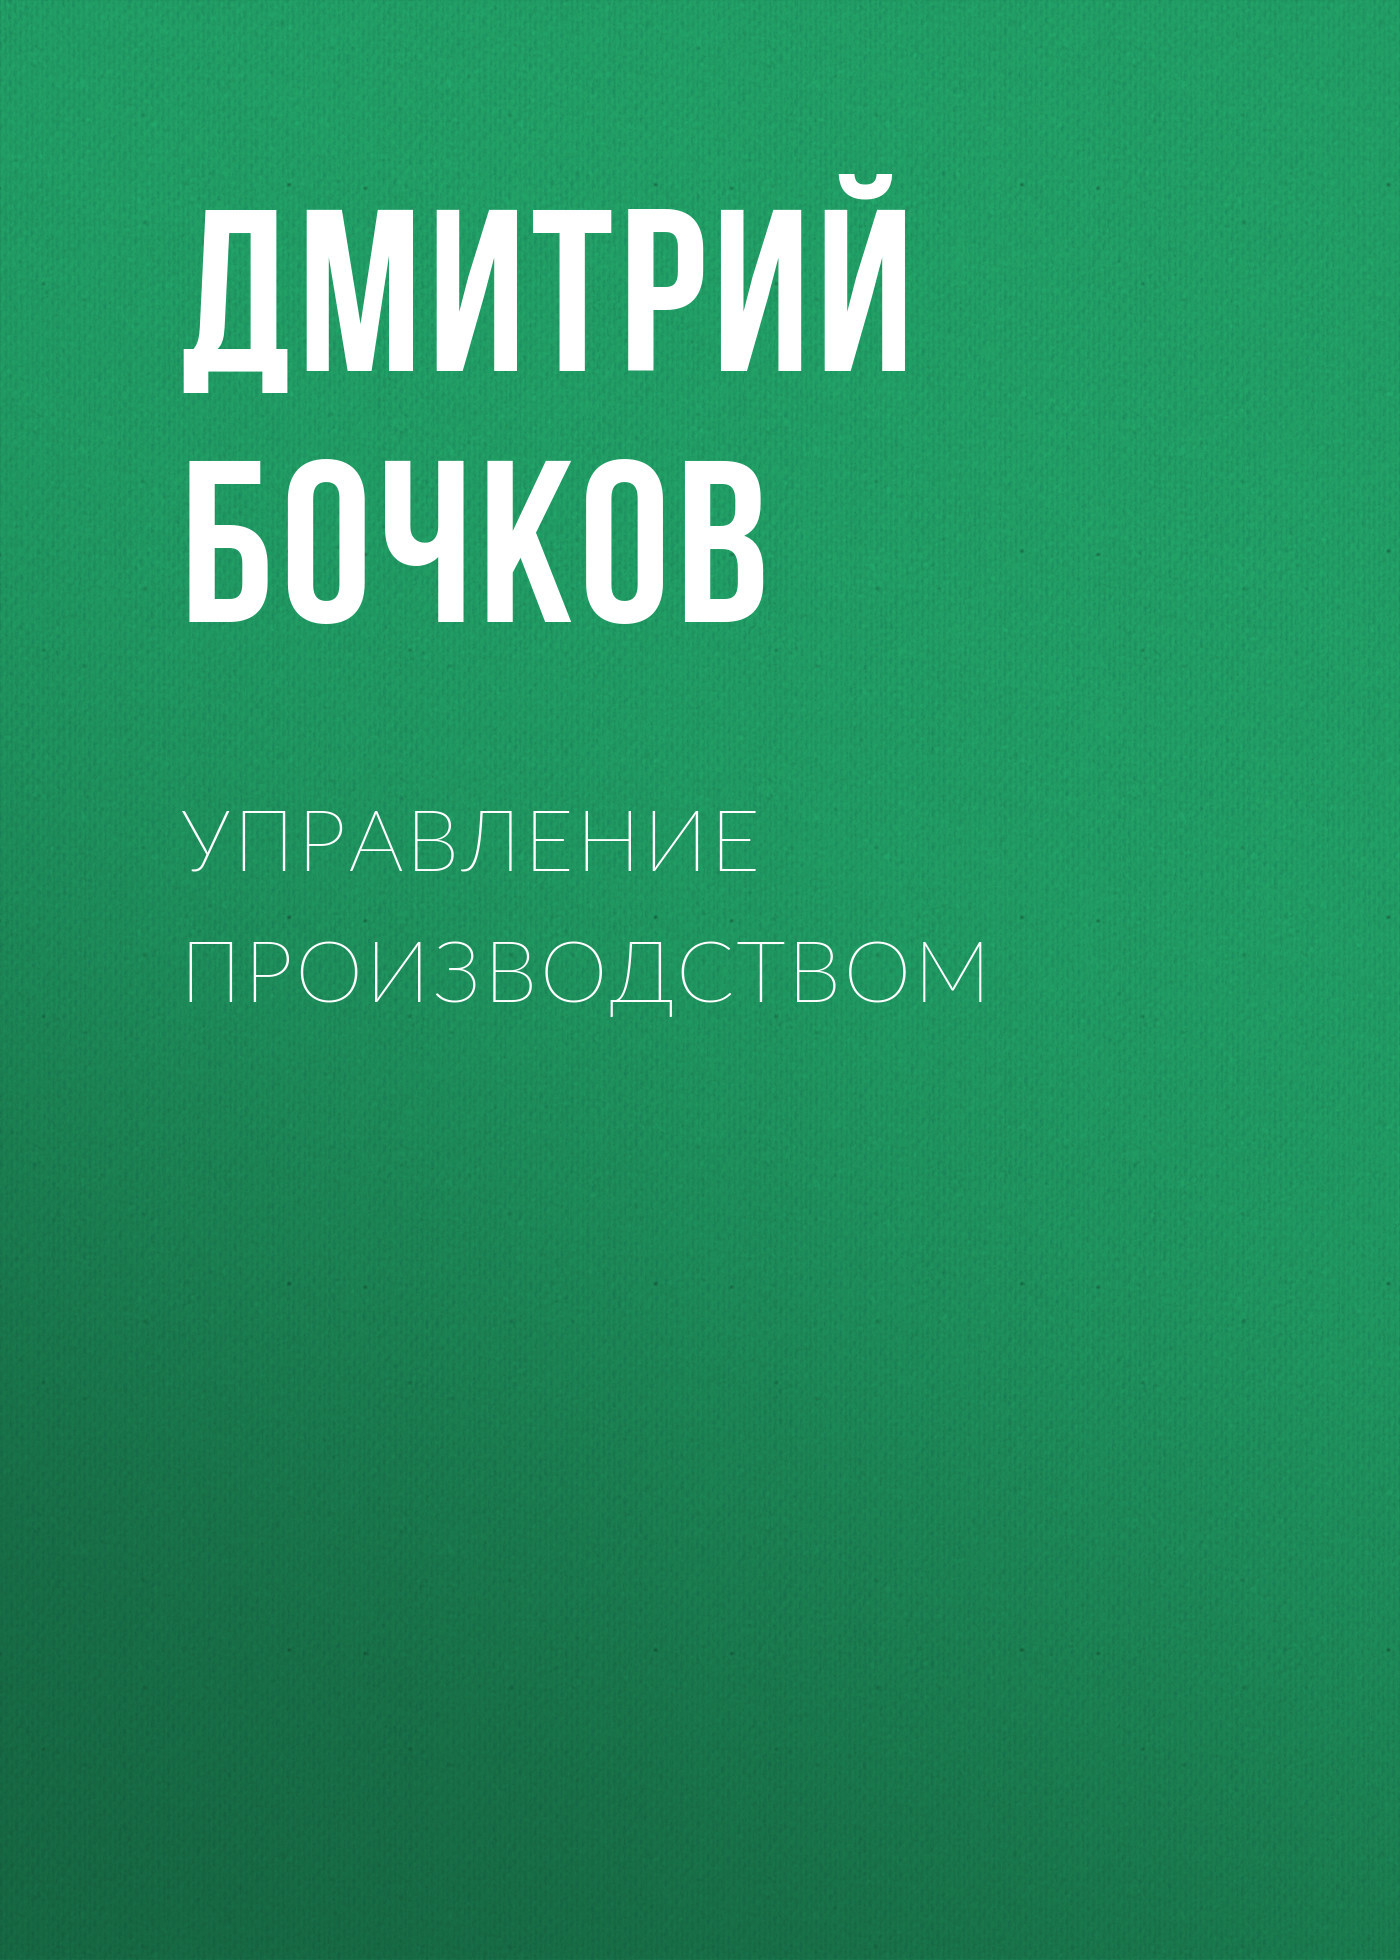 Дмитрий Бочков. Управление производством